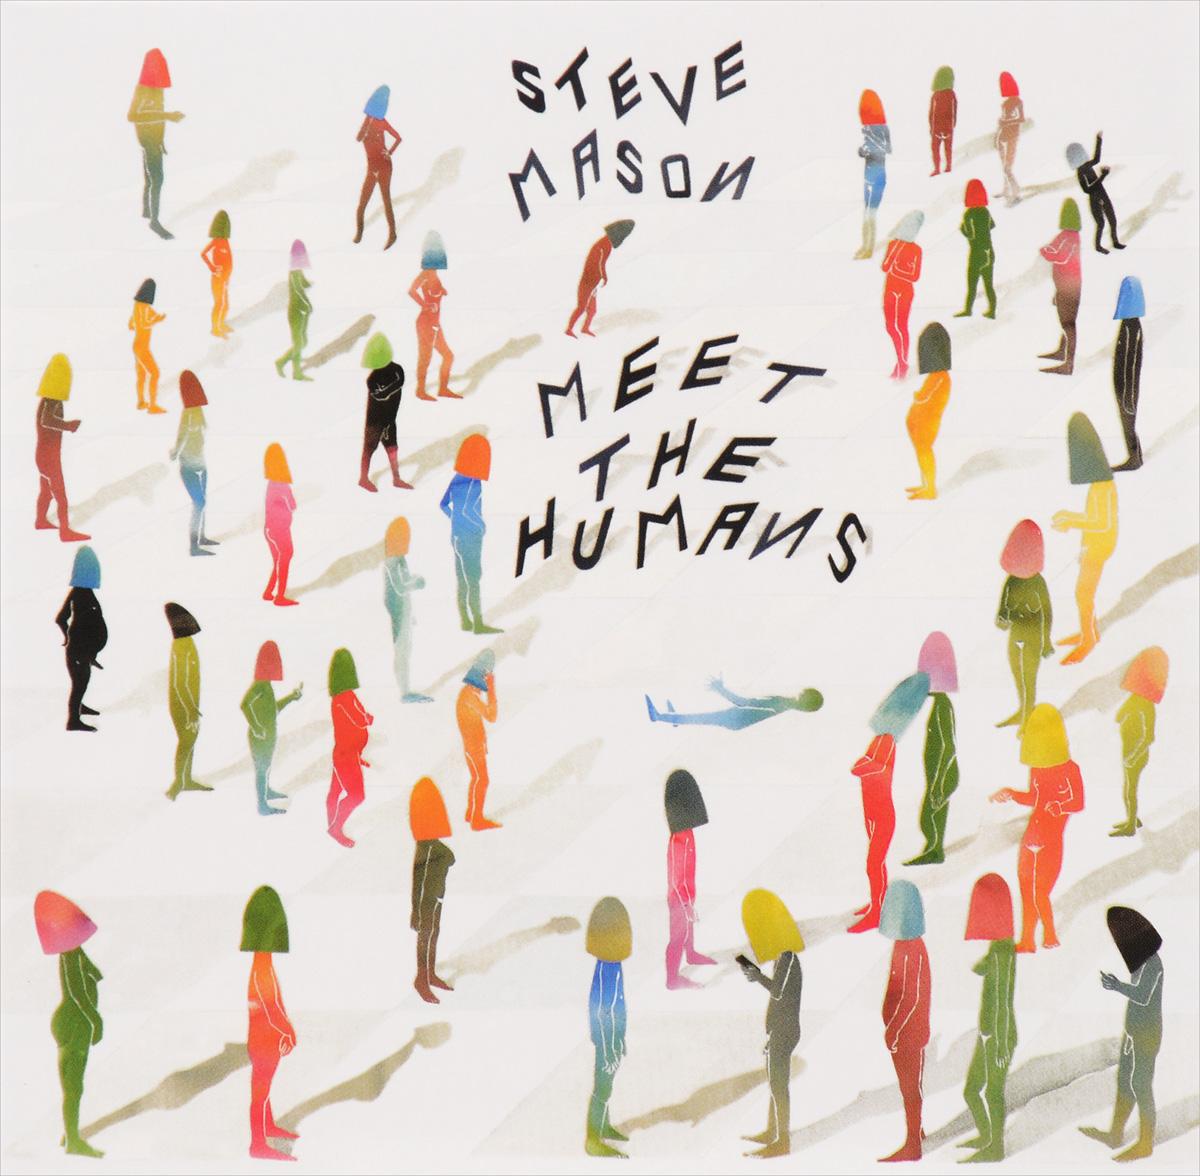 Стив Мэйсон Steve Mason. Meet the Humans стив форберт steve forbert the place and time